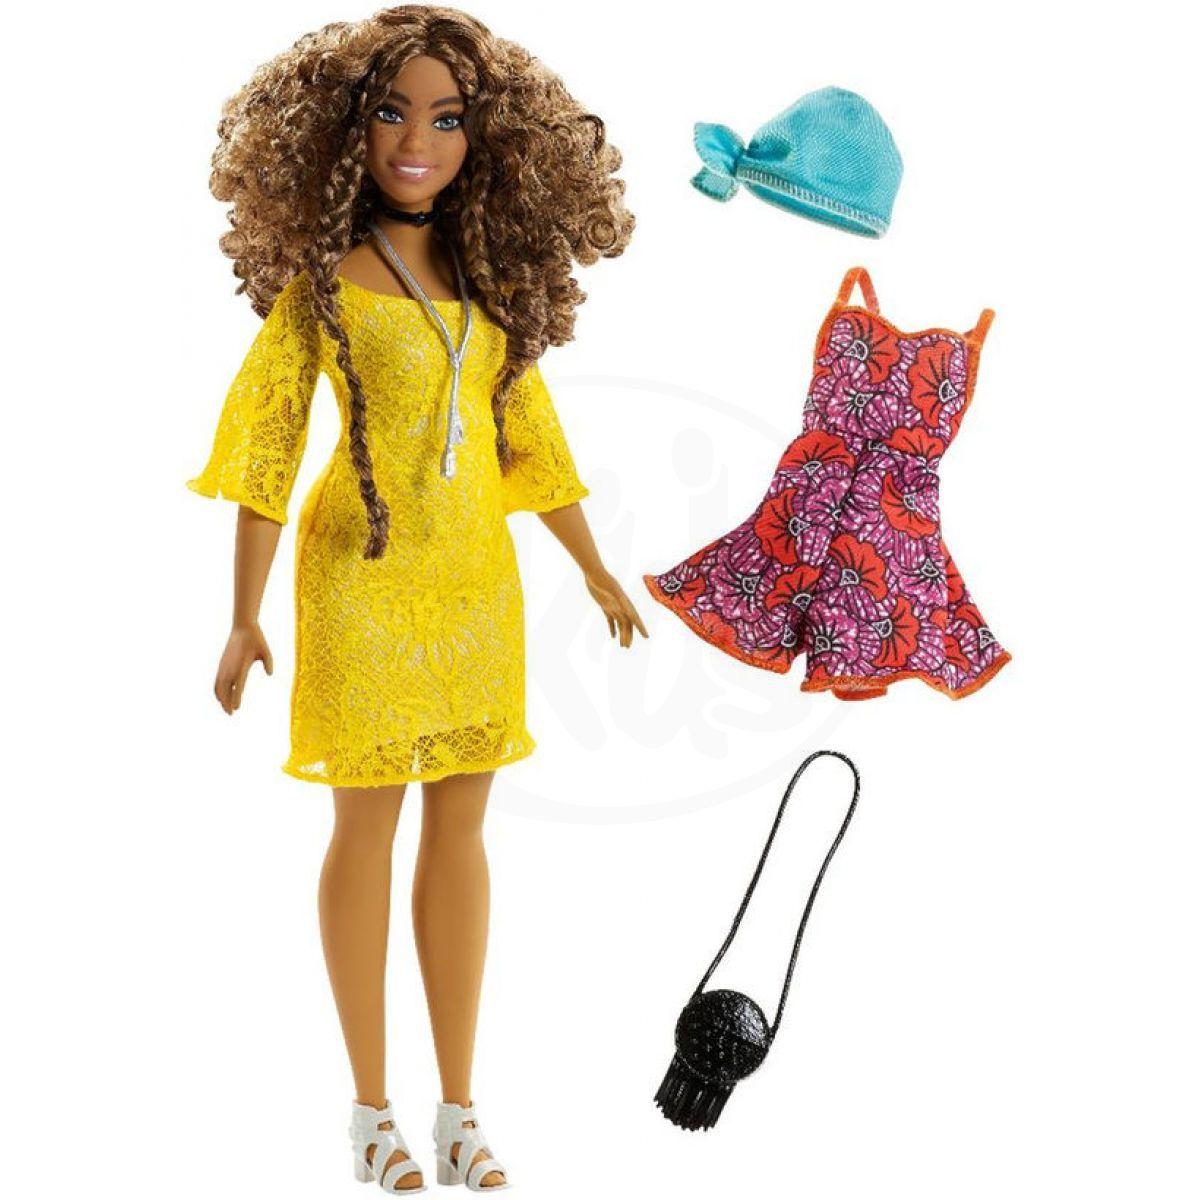 ca3bfea1b052 Mattel Barbie modelka s doplňky a oblečky 85